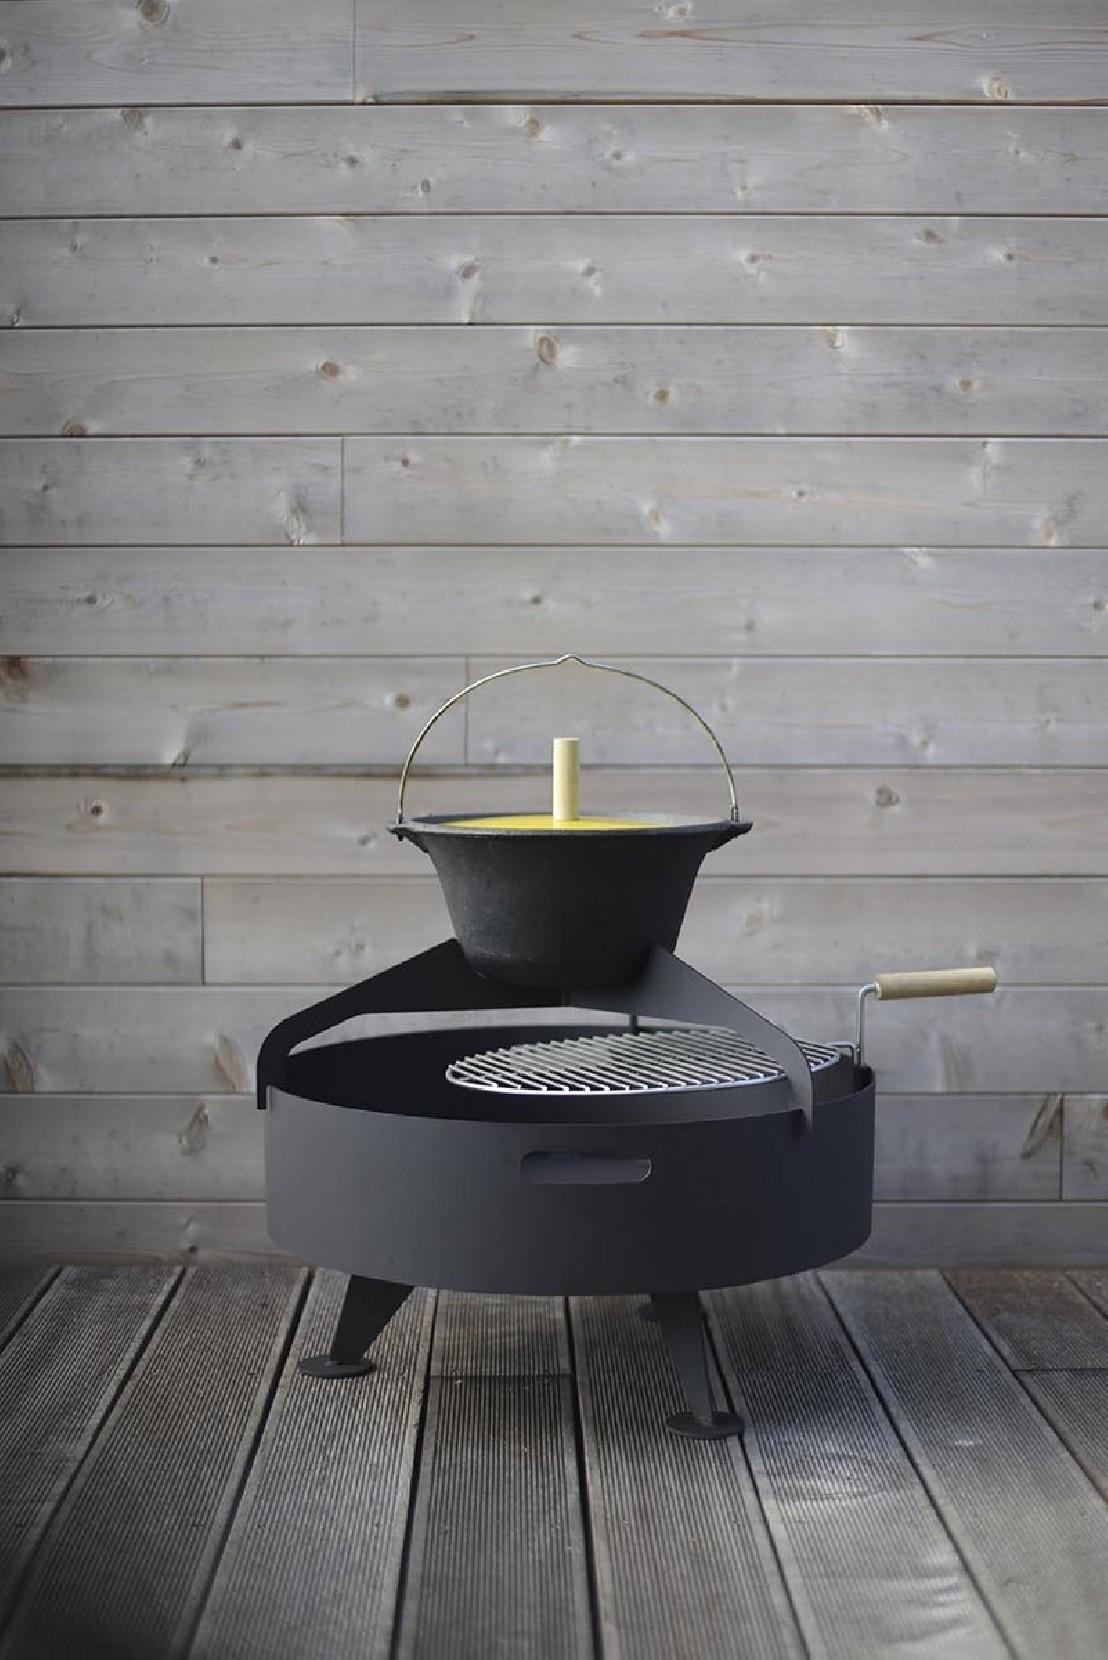 petit brasero grill rond 60 cm back to fire avec chaudron pour terrasse en acier inoxydable. Black Bedroom Furniture Sets. Home Design Ideas